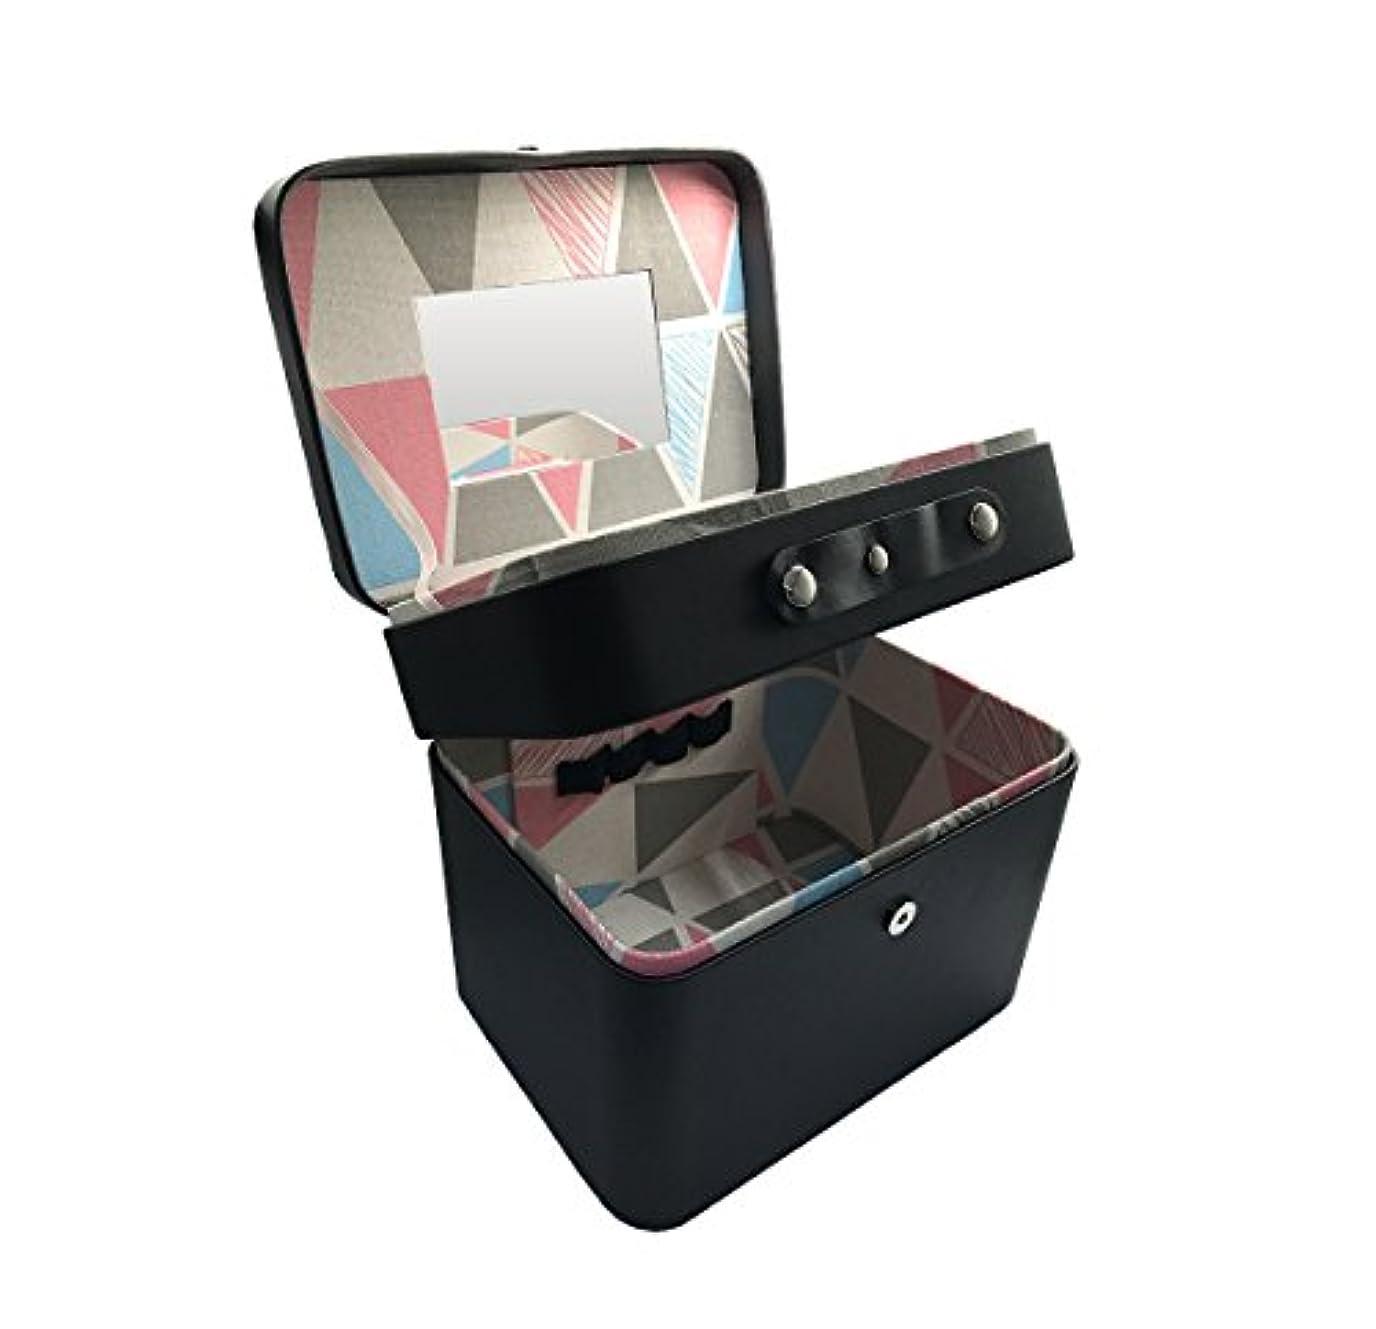 移住する振り向くファンタジーSZTulip メイクボックス コスメボックス 大容量収納ケース メイクブラシ化粧道具 小物入れ 鏡付き 化粧品収納ボックス (ブラック)